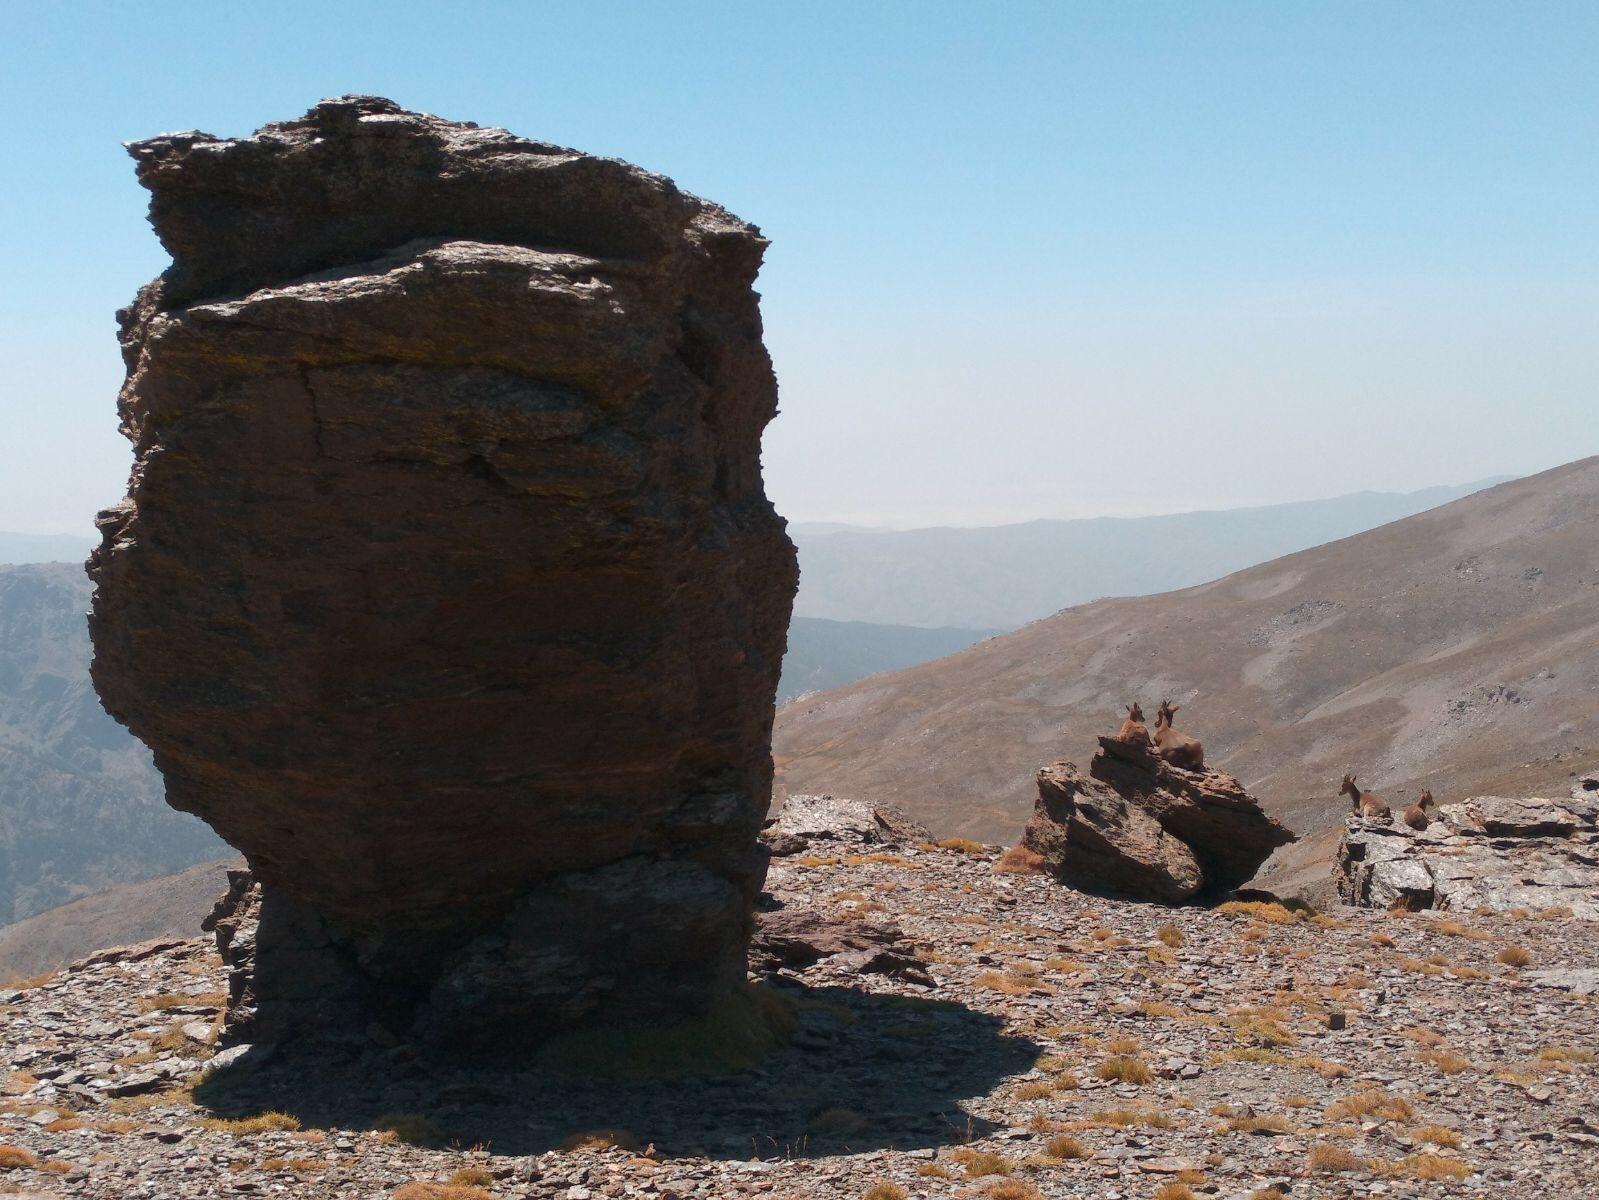 Ascensiones otoñales en Sierra Nevada. Picón de Jerez, Cerro del Mirador y Chullo.